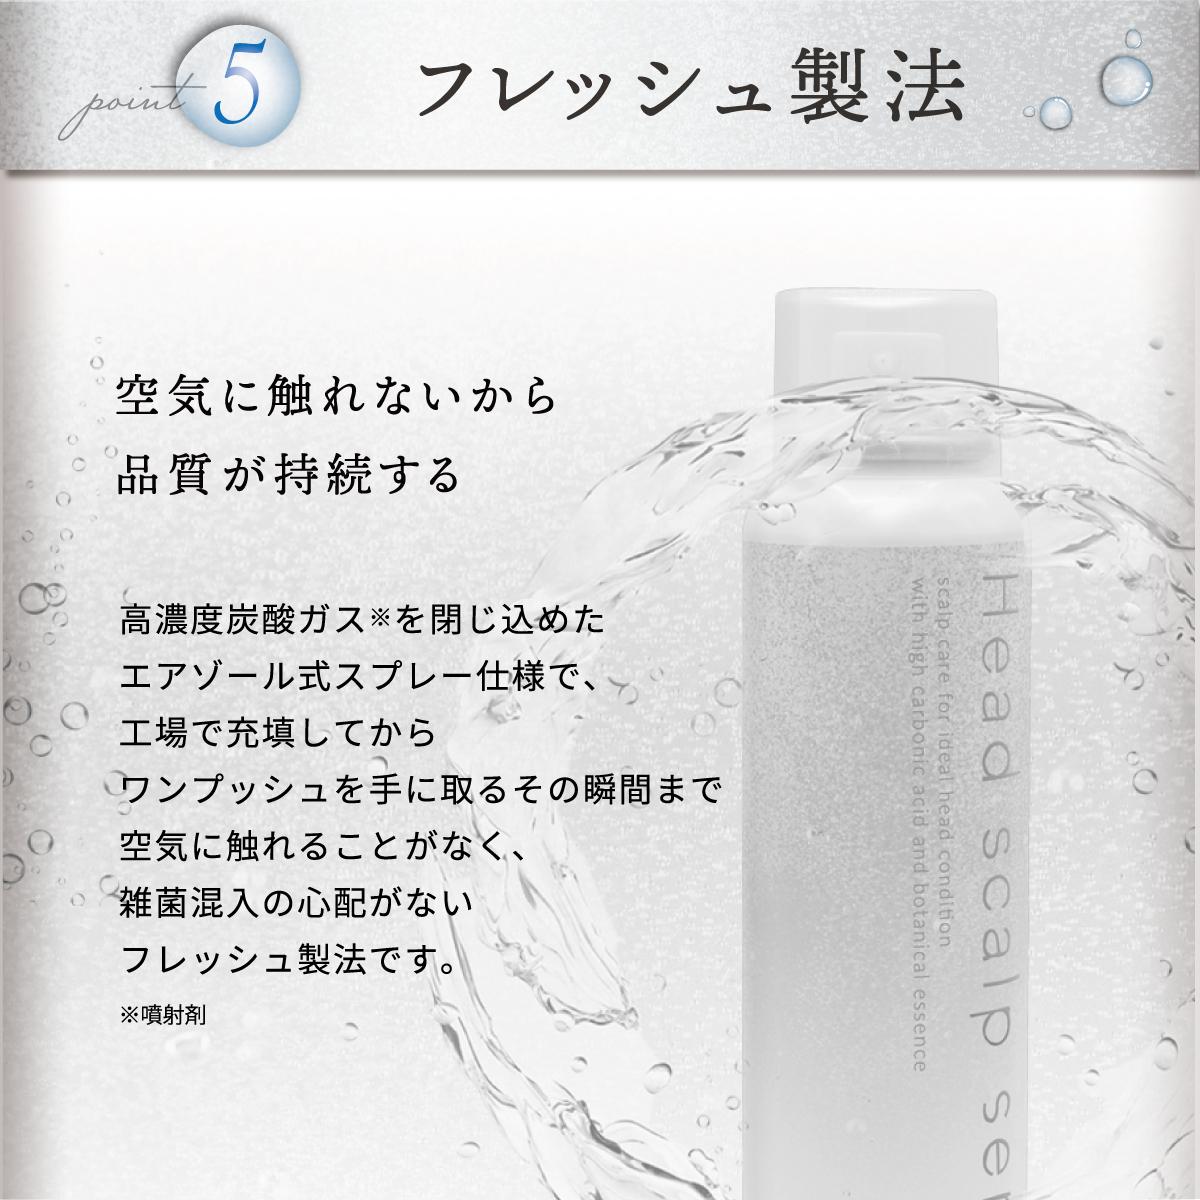 【リンカ エステ】 ヘッドスカルプセラム